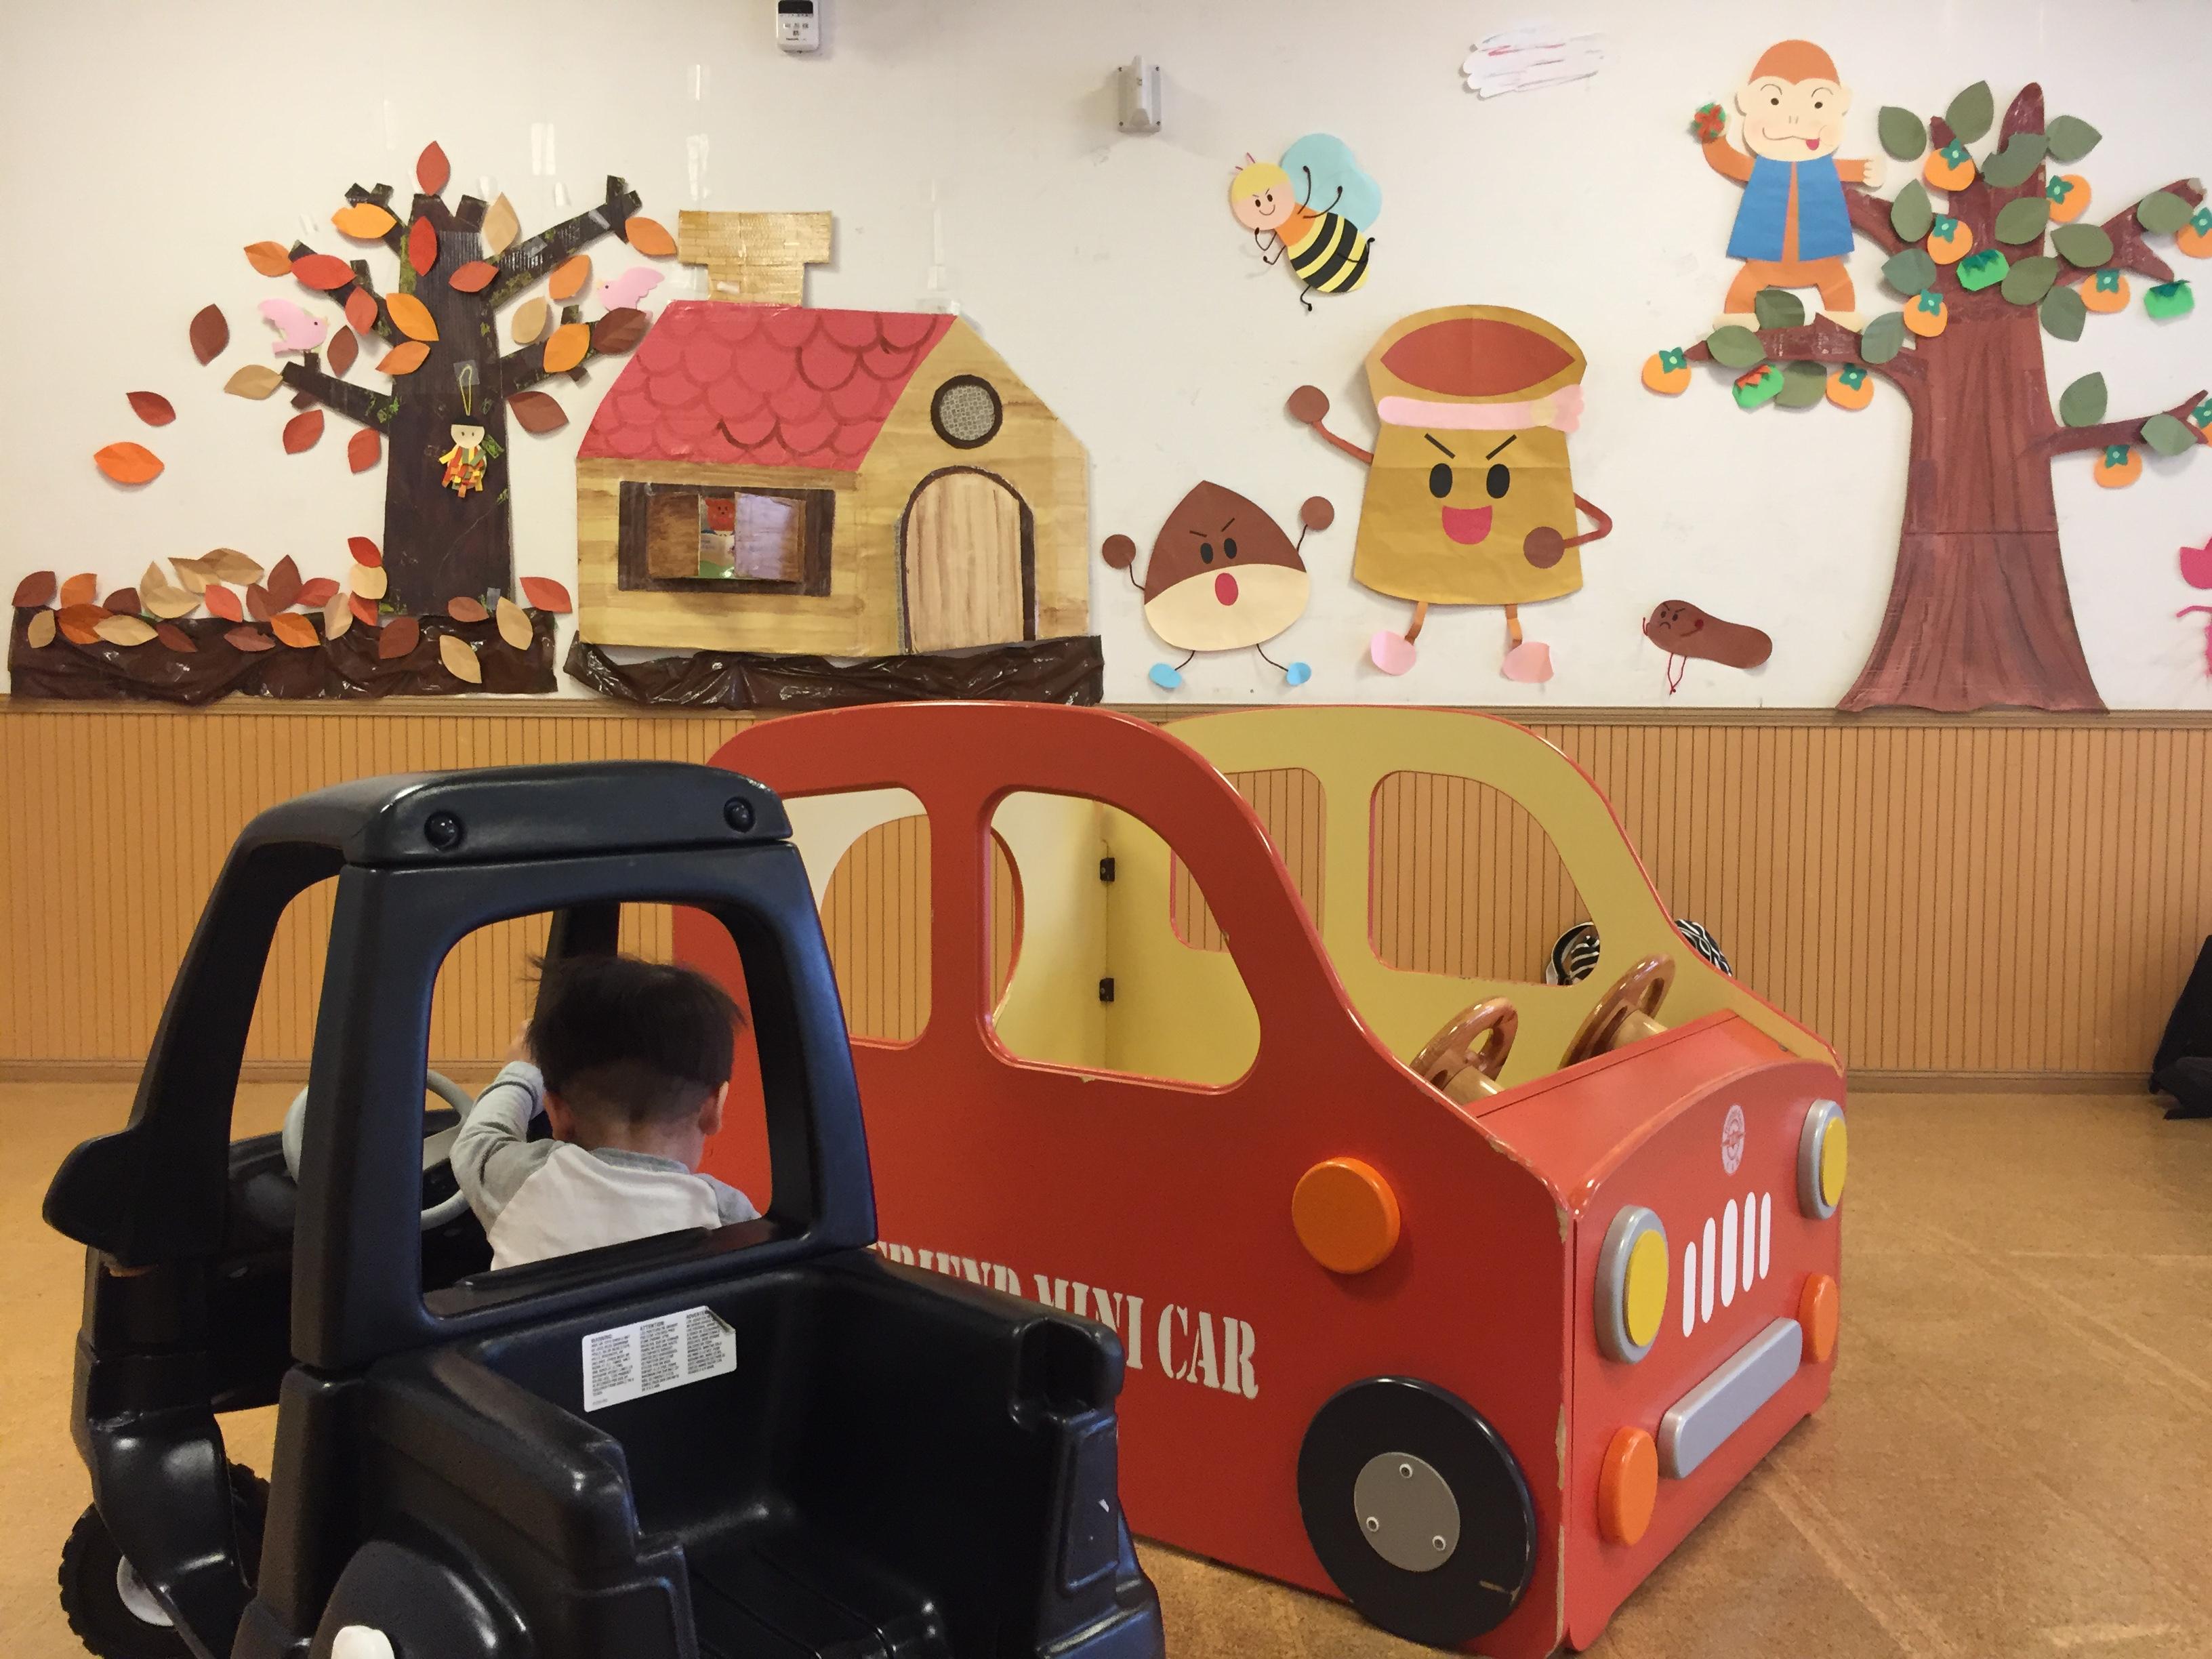 無料で室内で思いっきり遊べる子育て支援センターがすばらしすぎる!